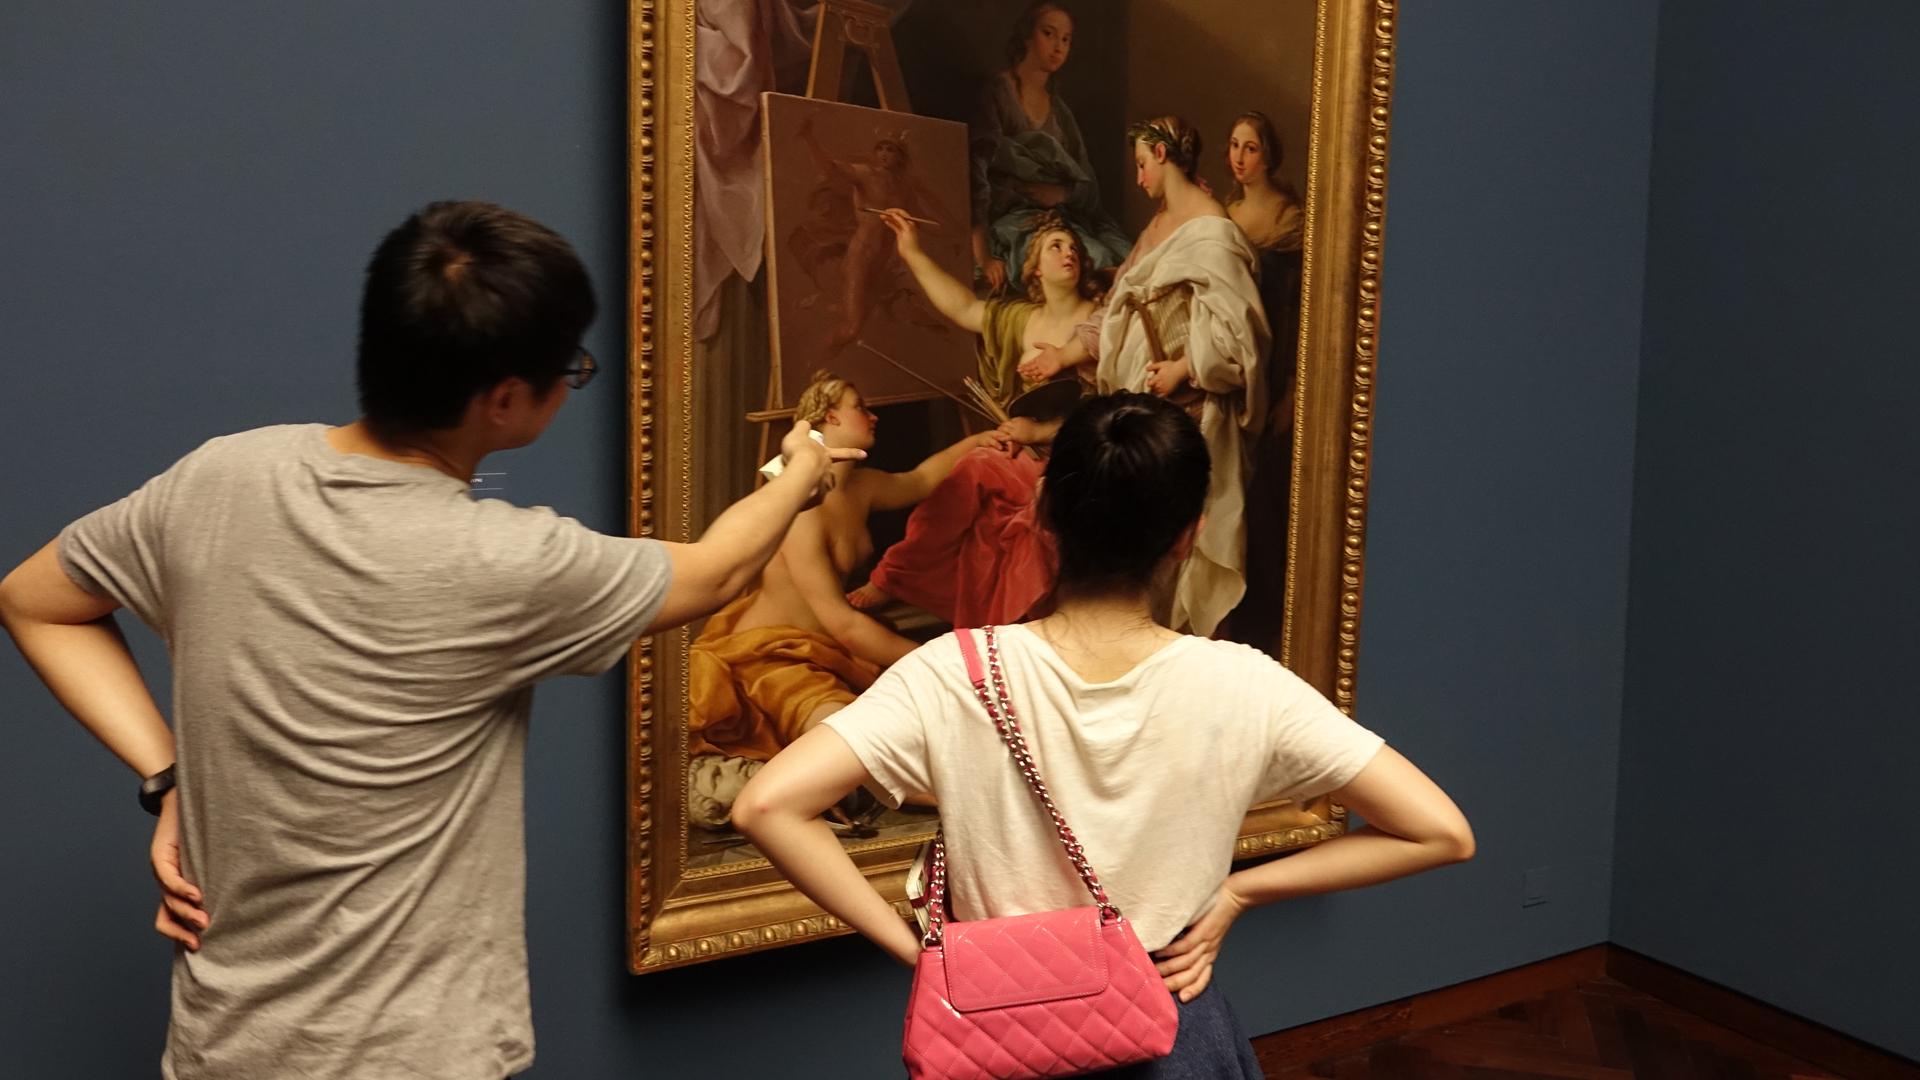 Nach den Referaten sehen die Betrachter das Gemälde aus einem neuen Blickwinkel